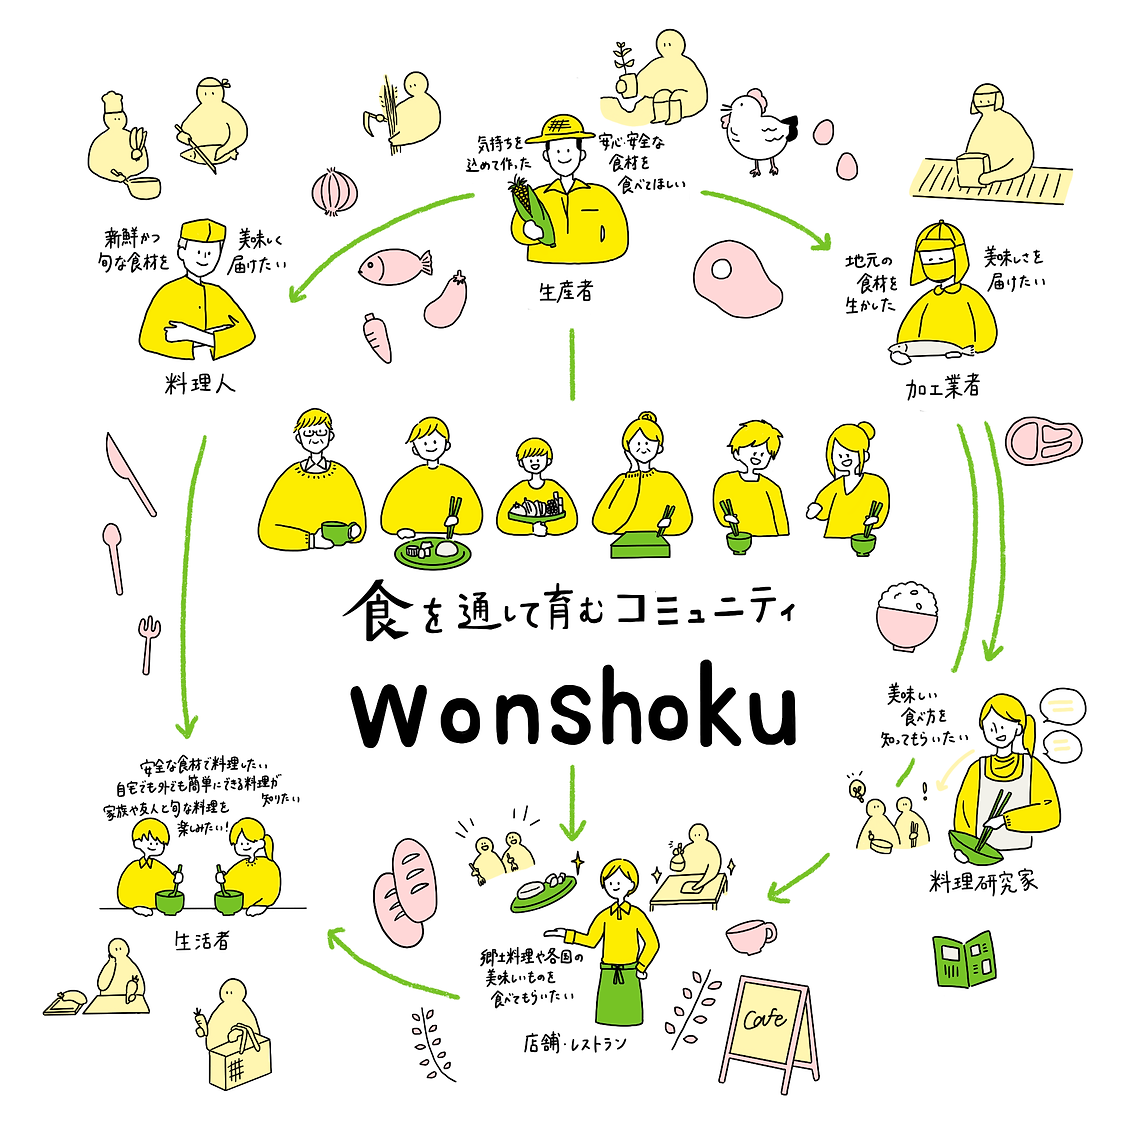 「wonshoku」ビジョン